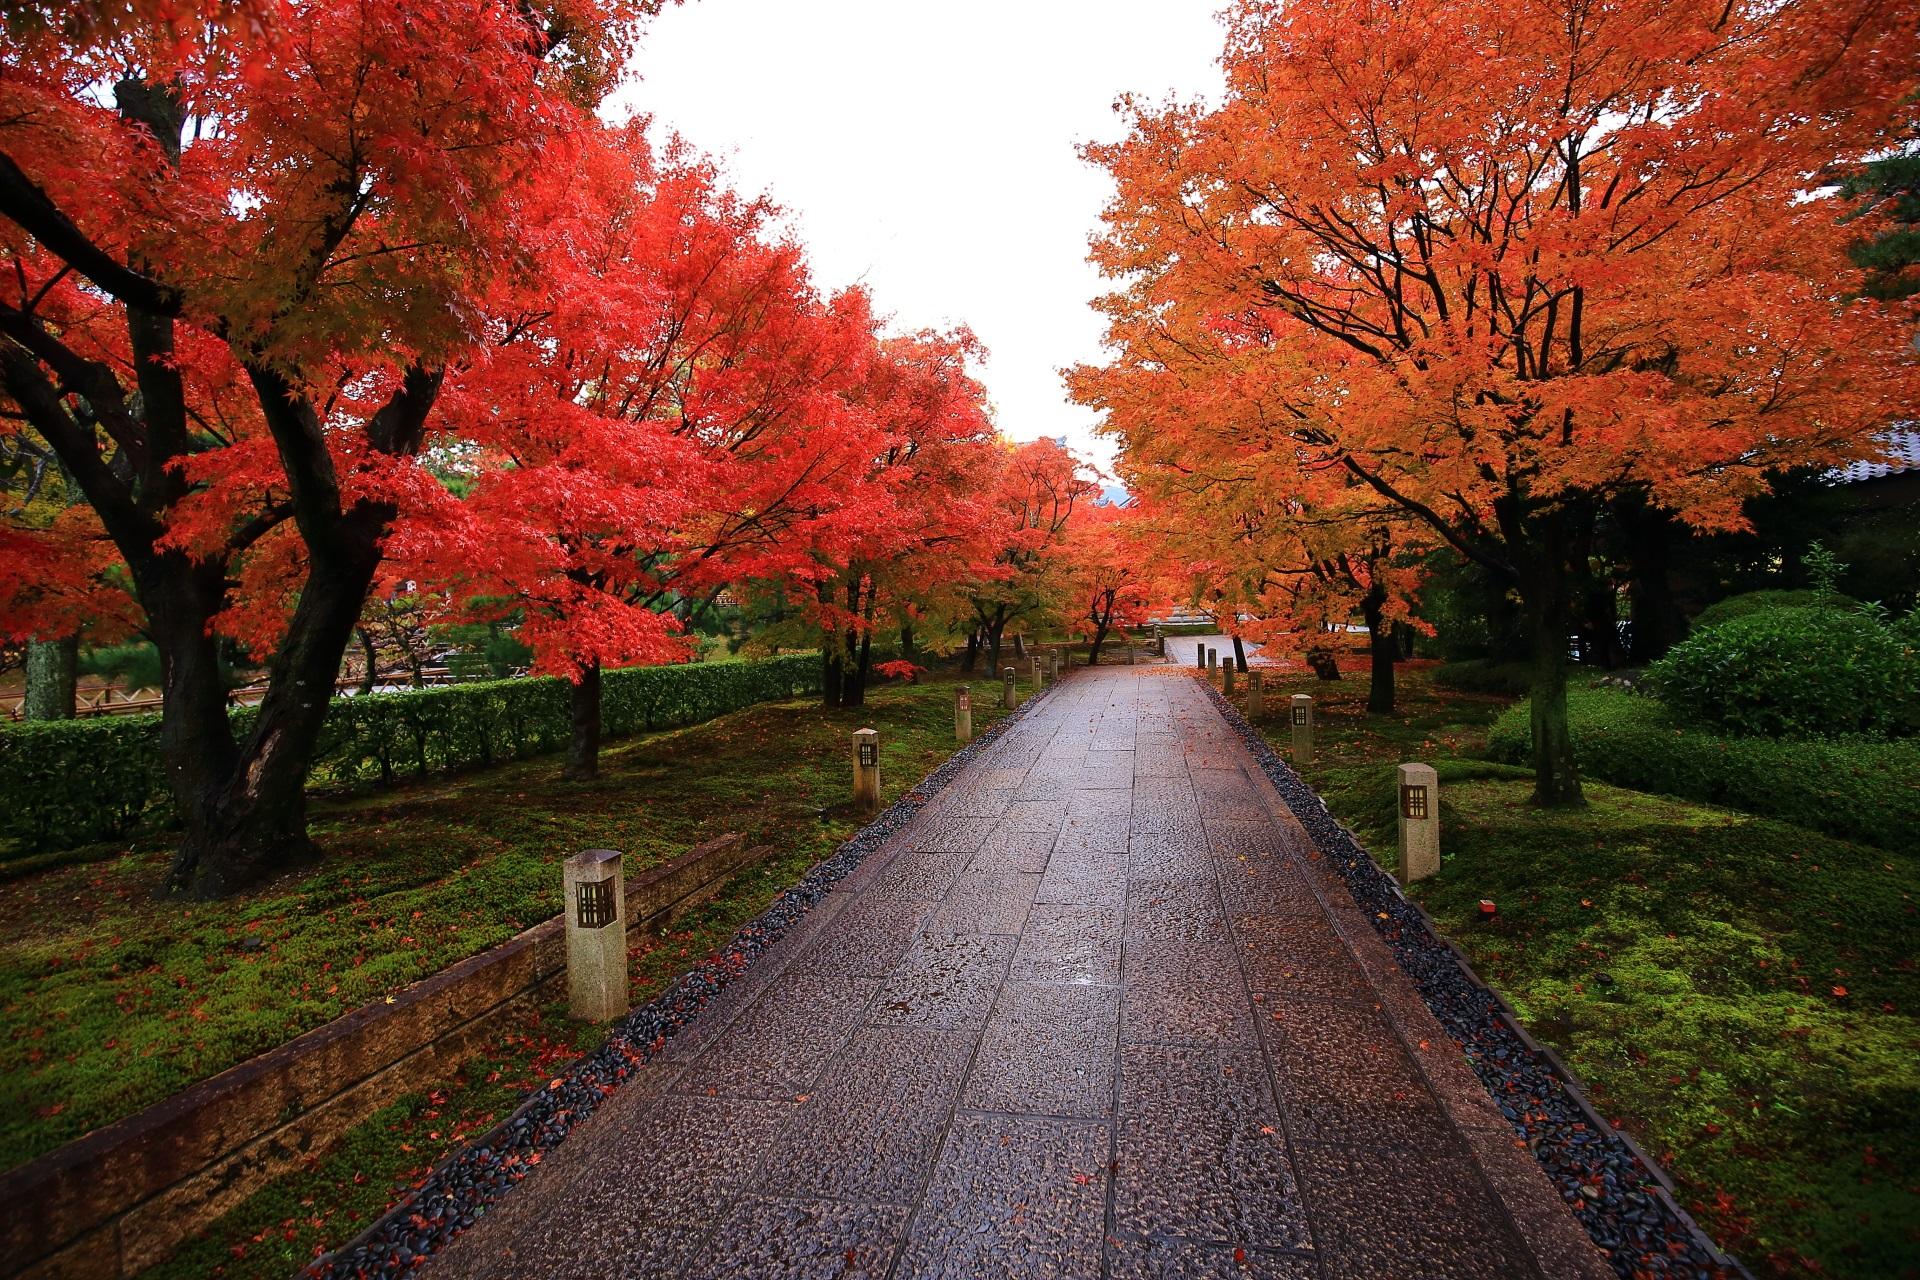 智積院の鐘楼に続く石畳の参道の見事な紅葉